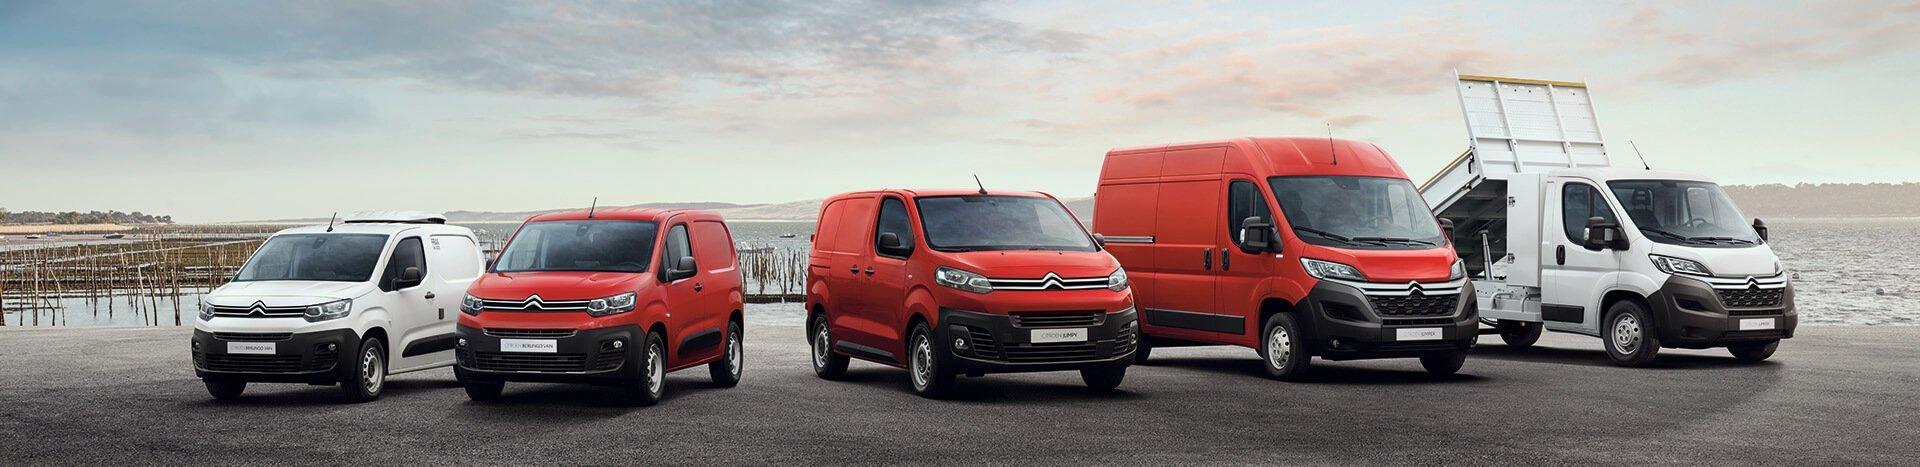 Citroën-Bedrijfswagens